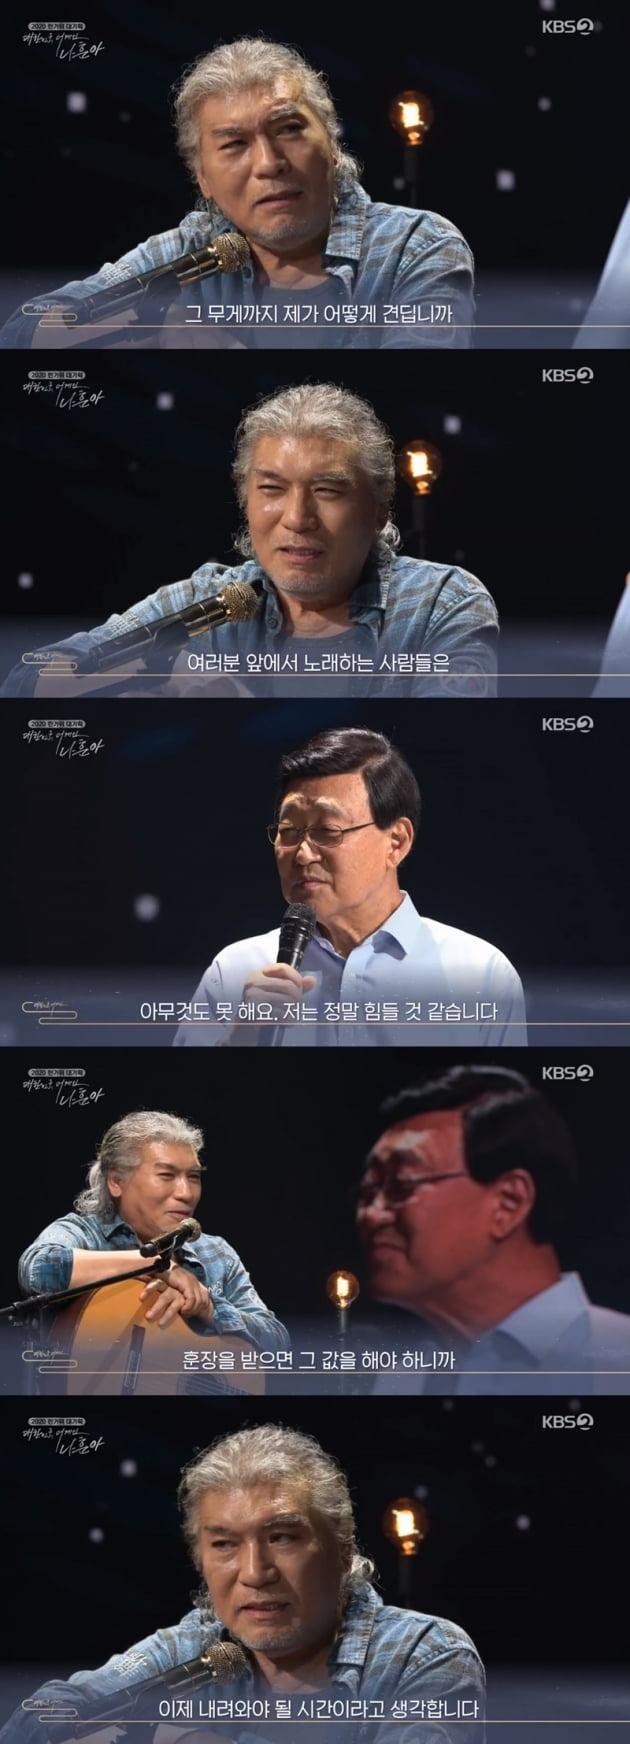 2020 한가위 대기획 '대한민국 어게인 나훈아' / 사진 = KBS 영상 캡처